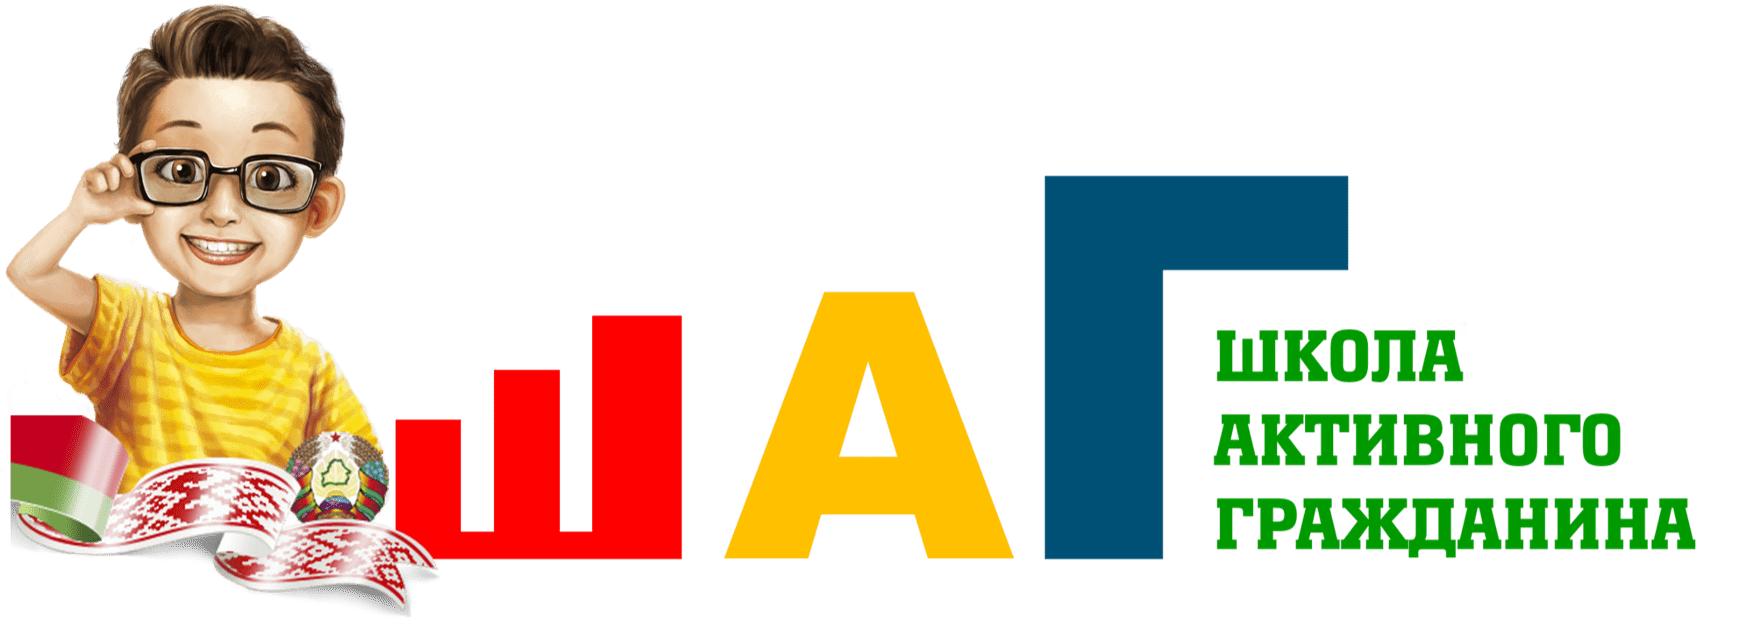 """В текущем месяце """"ШАГ"""" будут проводиться 28 ноября. Тема: «Независимая и процветающая Беларусь. Мы сделали это вместе»."""